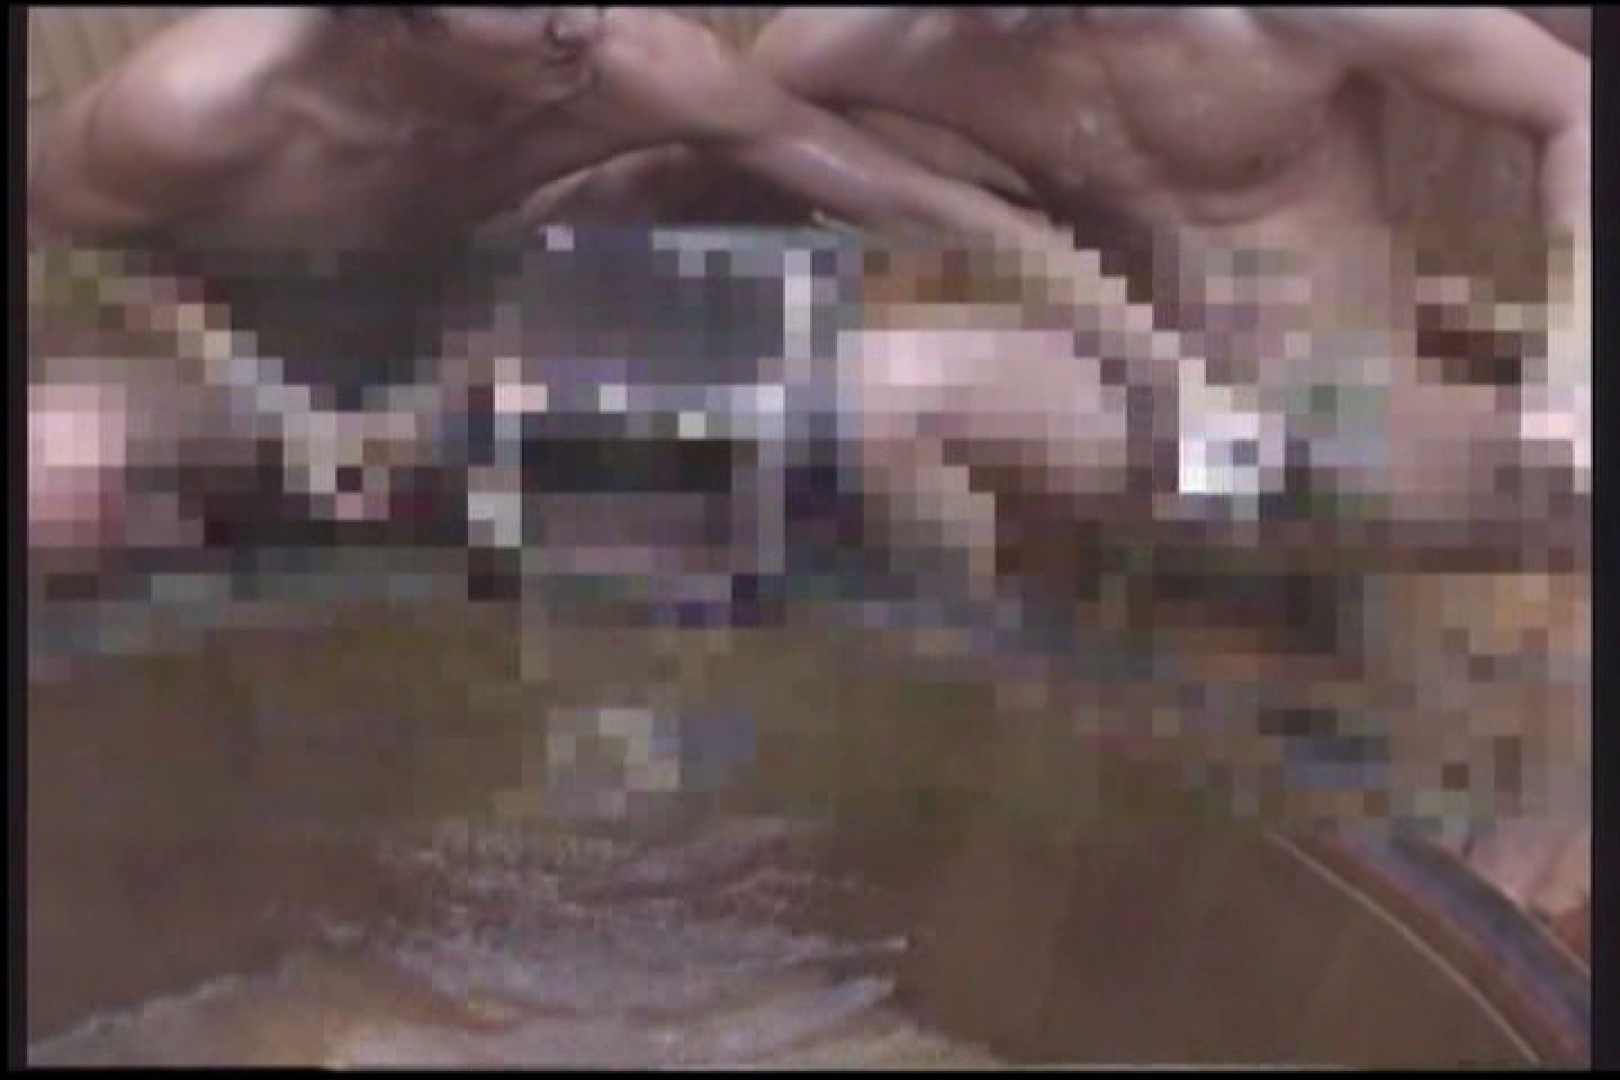 体育会系男子の銭湯合宿を覗いてみようvol.03 ガチムチマッチョ系 | 男天国  58pic 32